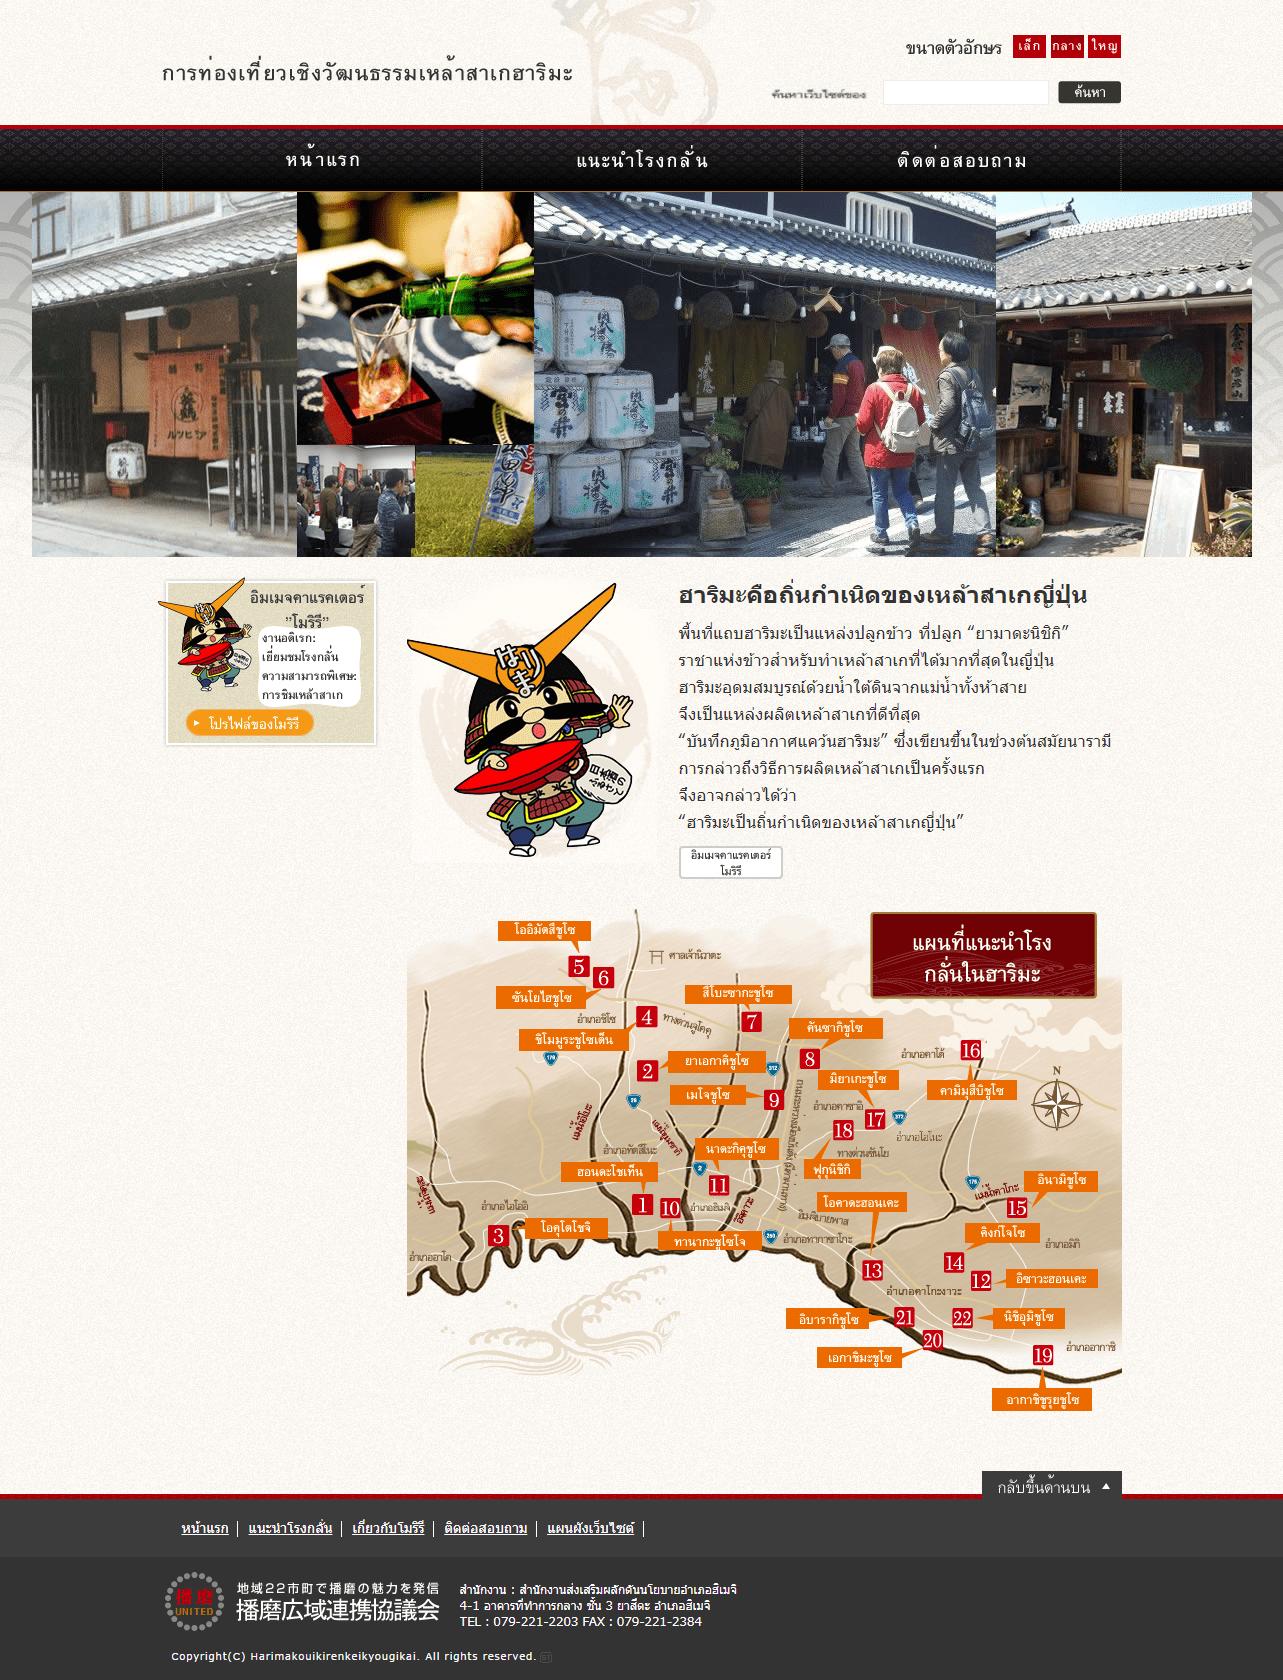 姫路市 播磨広域連携協議会 はりま酒文化ツーリズム タイ語サイト1